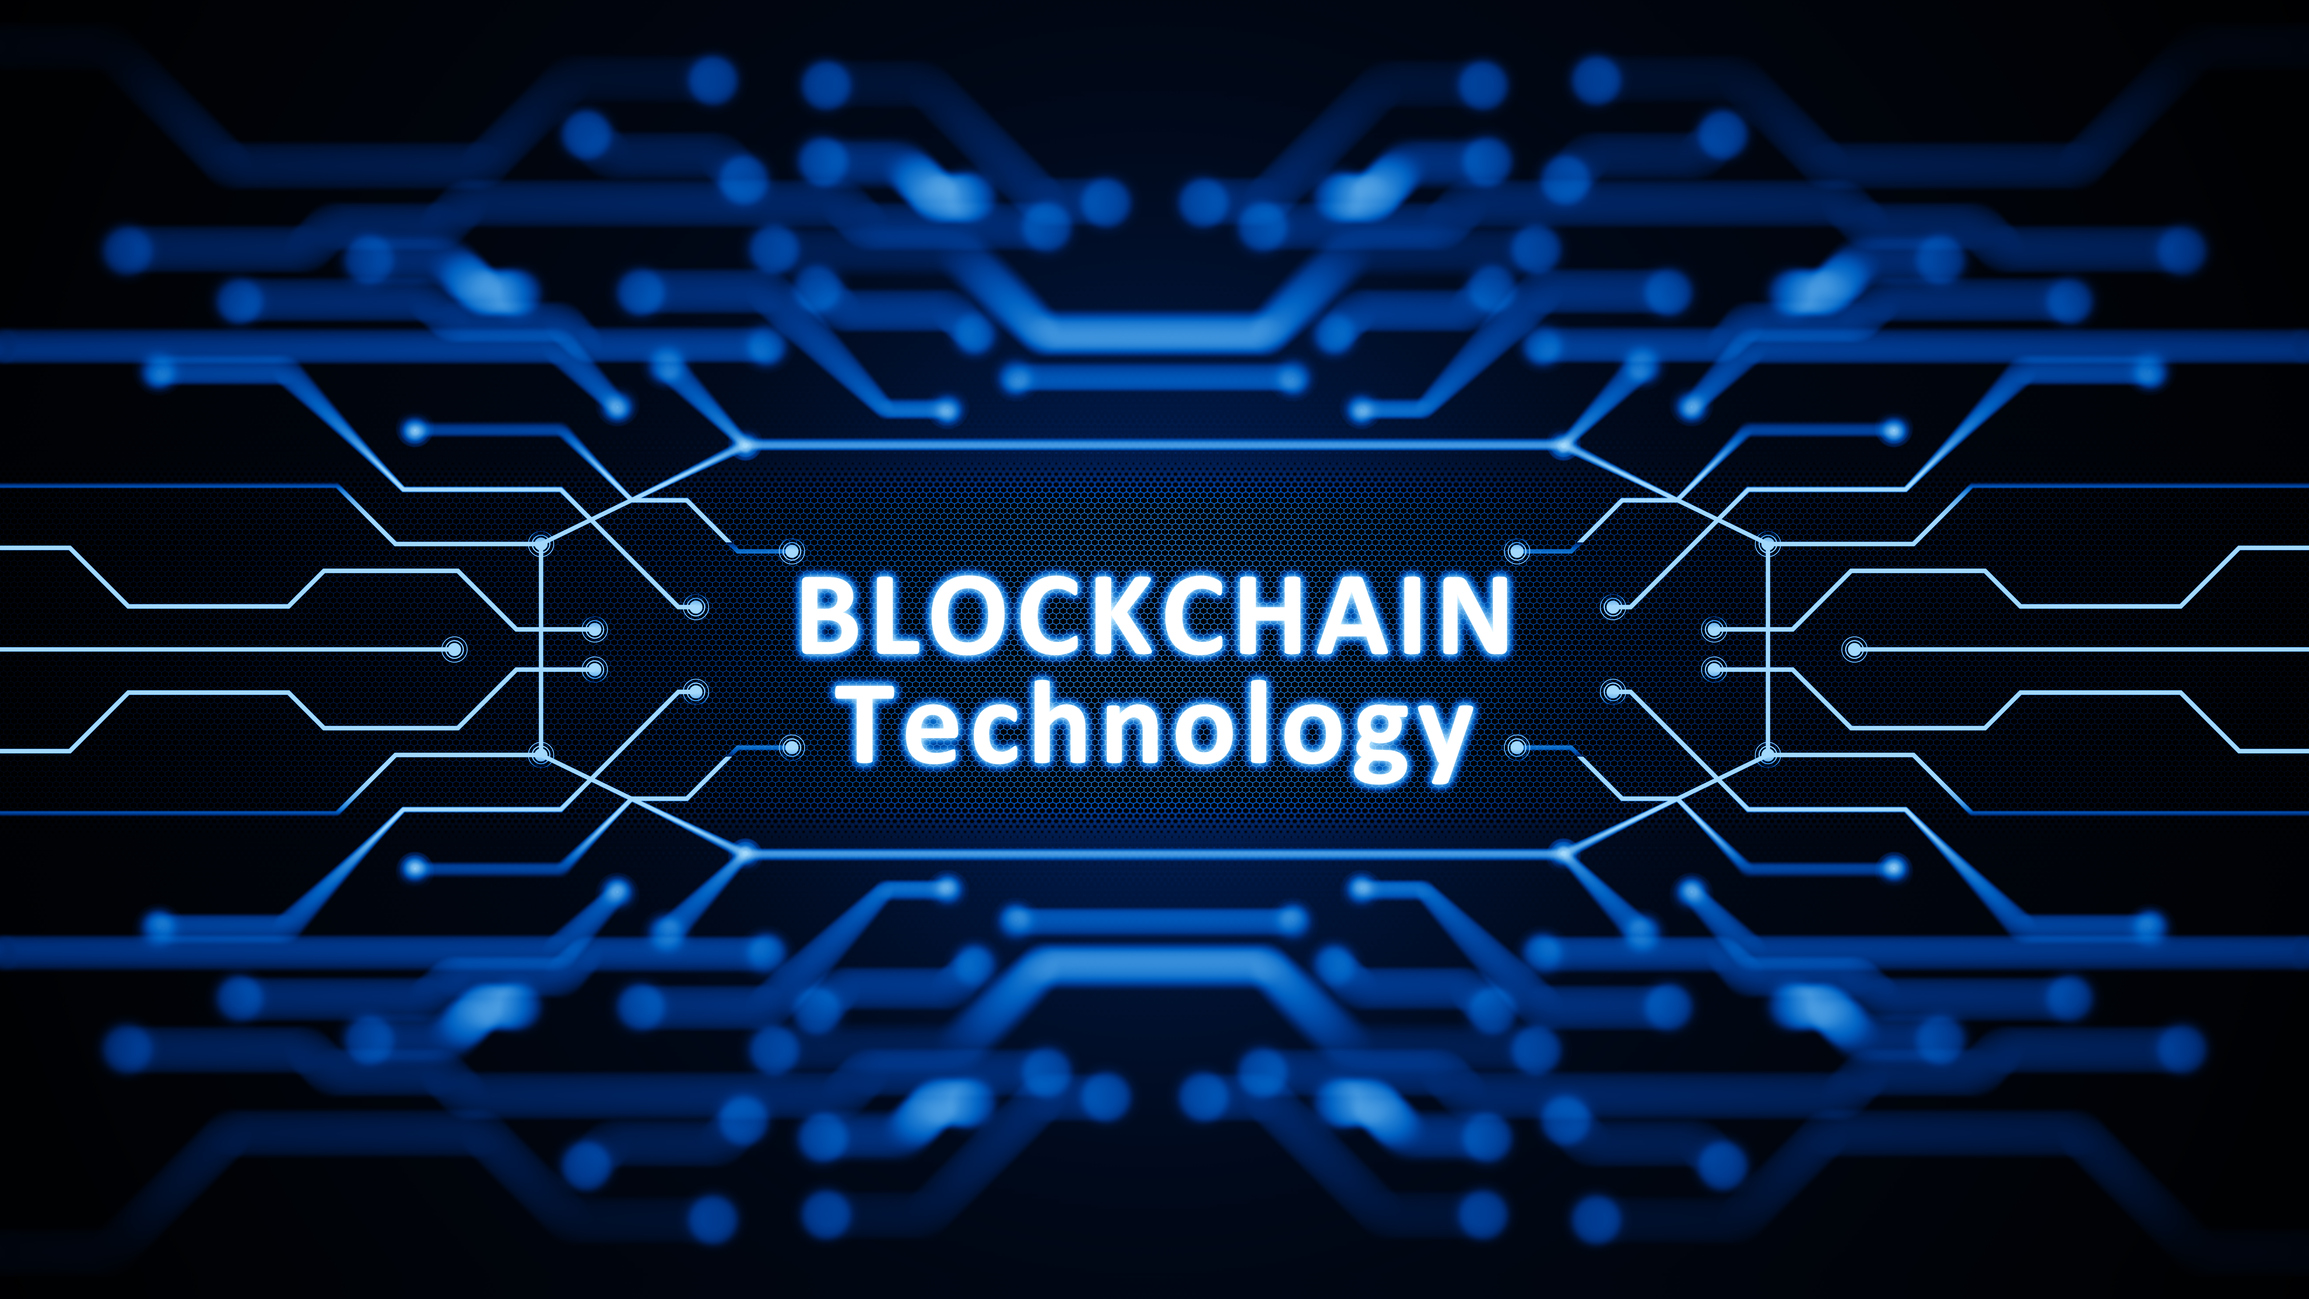 区块链是数字经济的基础设施